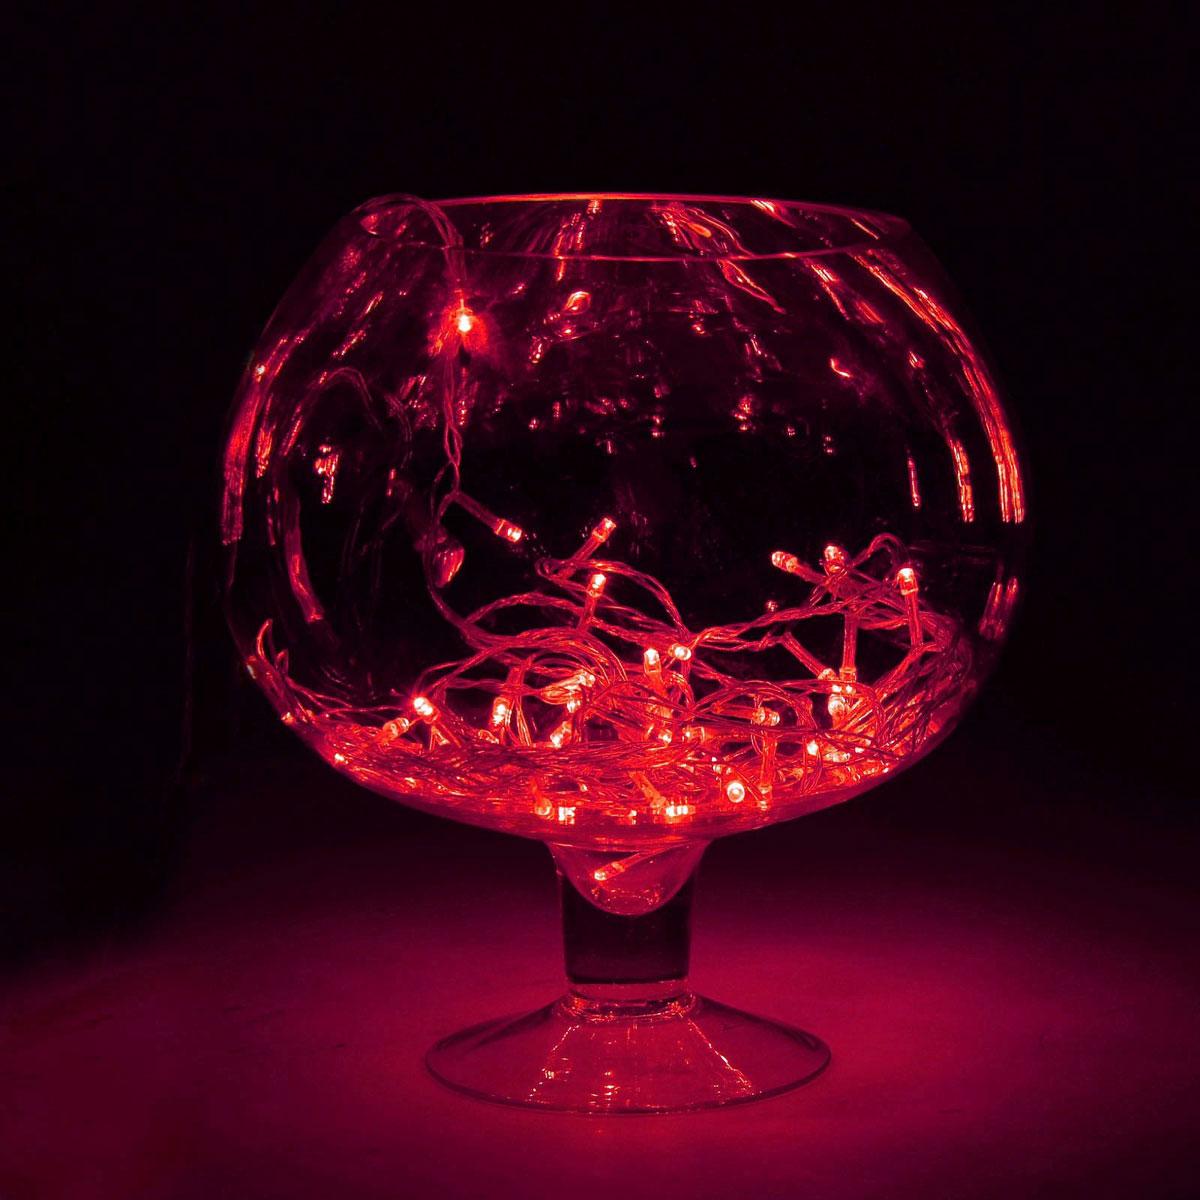 Гирлянда светодиодная Sima-land Метраж, 8 режимов, 100 ламп, 220 V, 9 м, цвет: красный. 671032